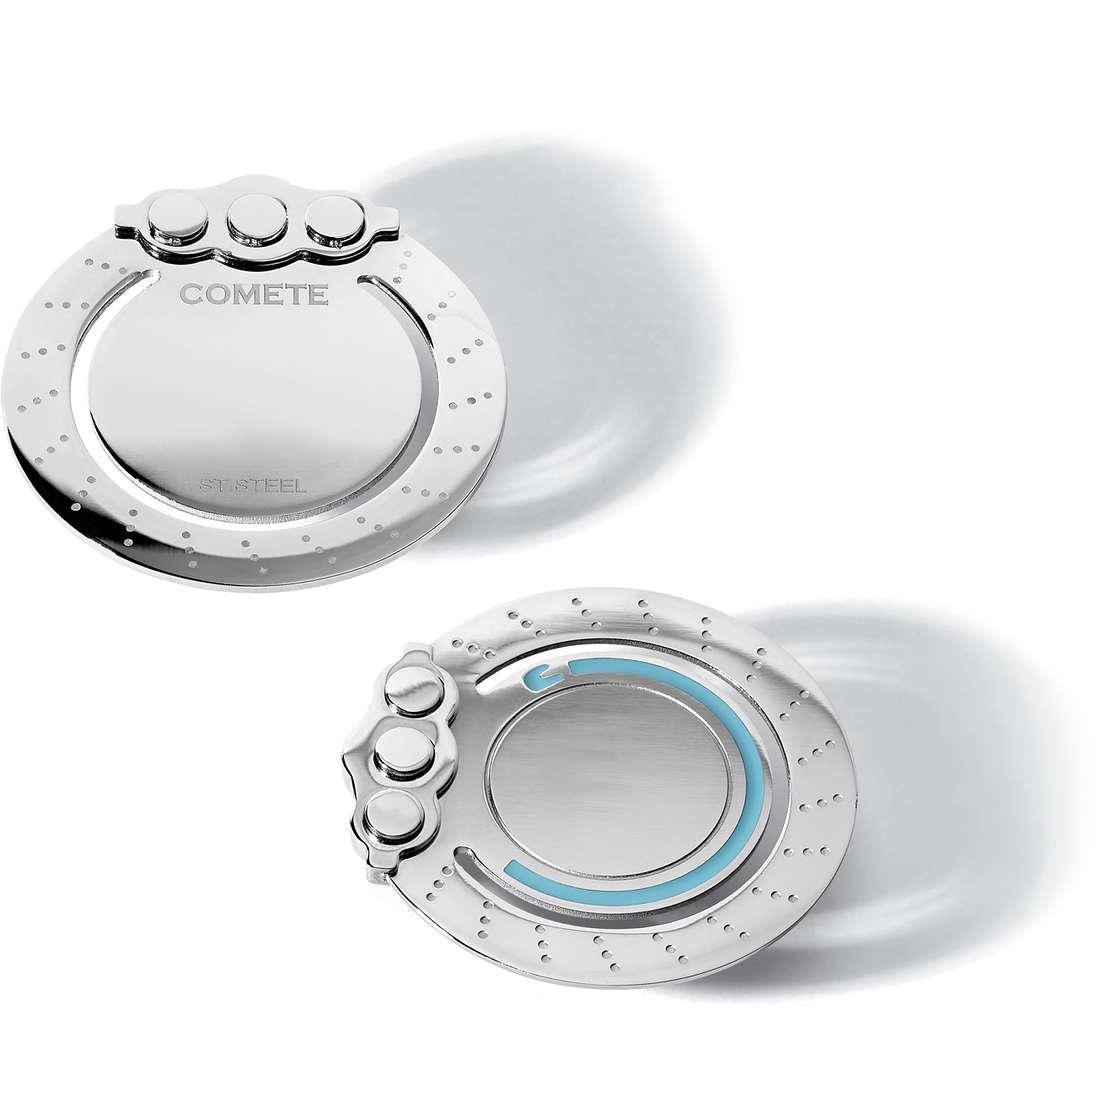 moneyclips man jewellery Comete Casco Azzurro UFS 011